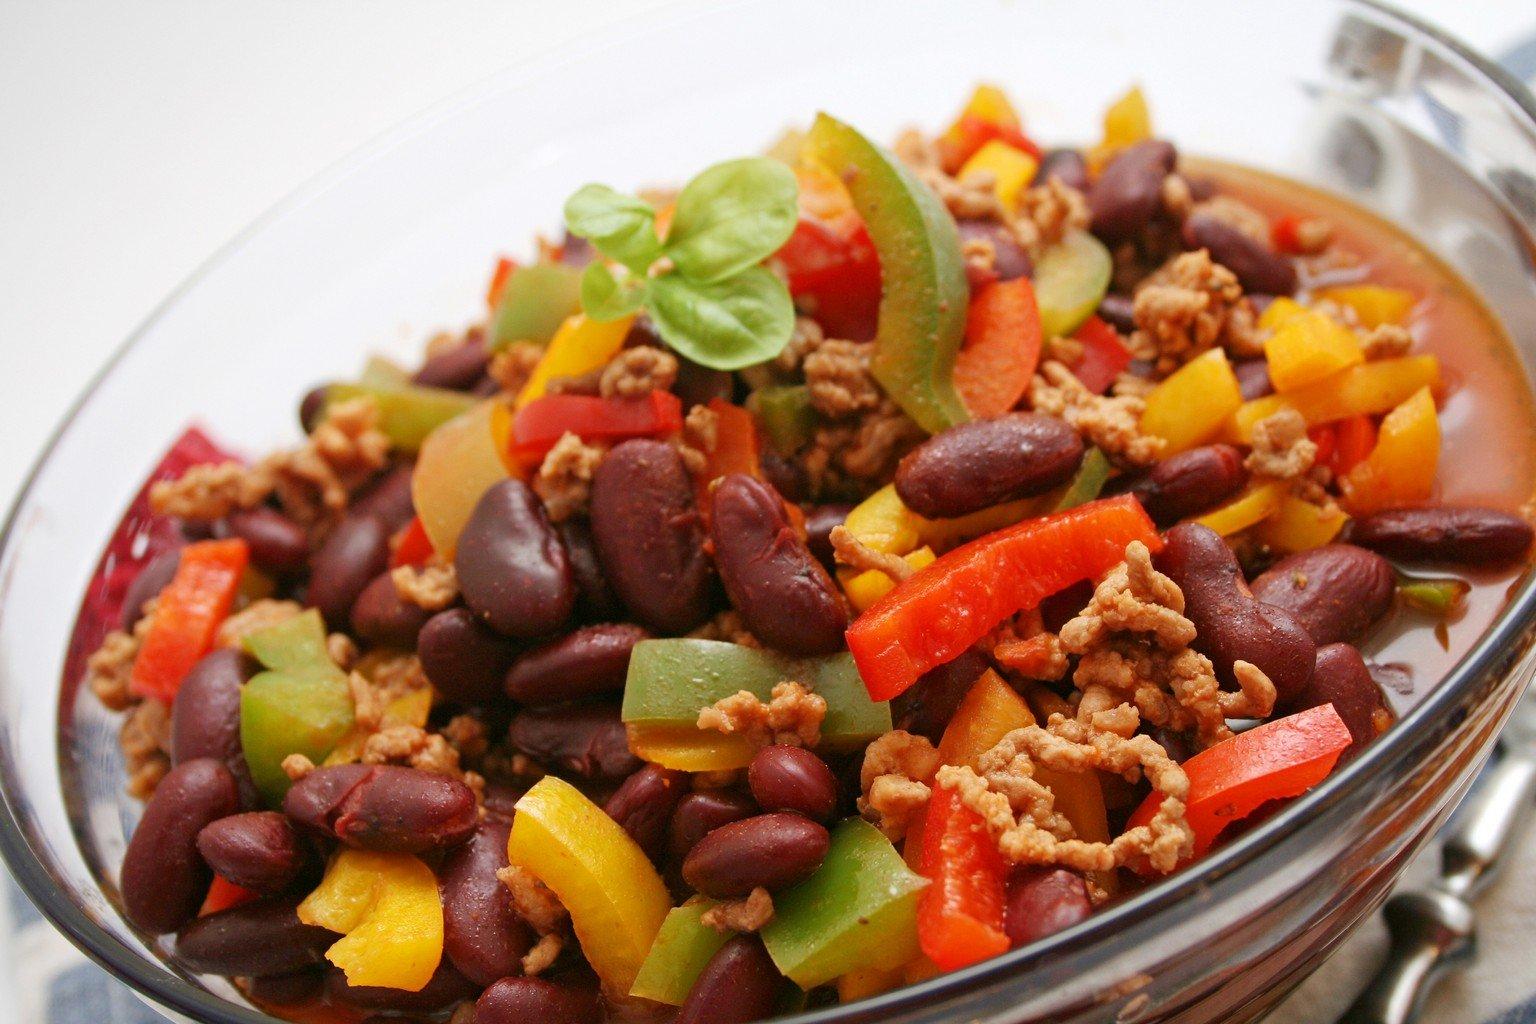 La recette chili cone carn d pend du cuisinier qui la pr pare - Recette chili cone carne thermomix ...